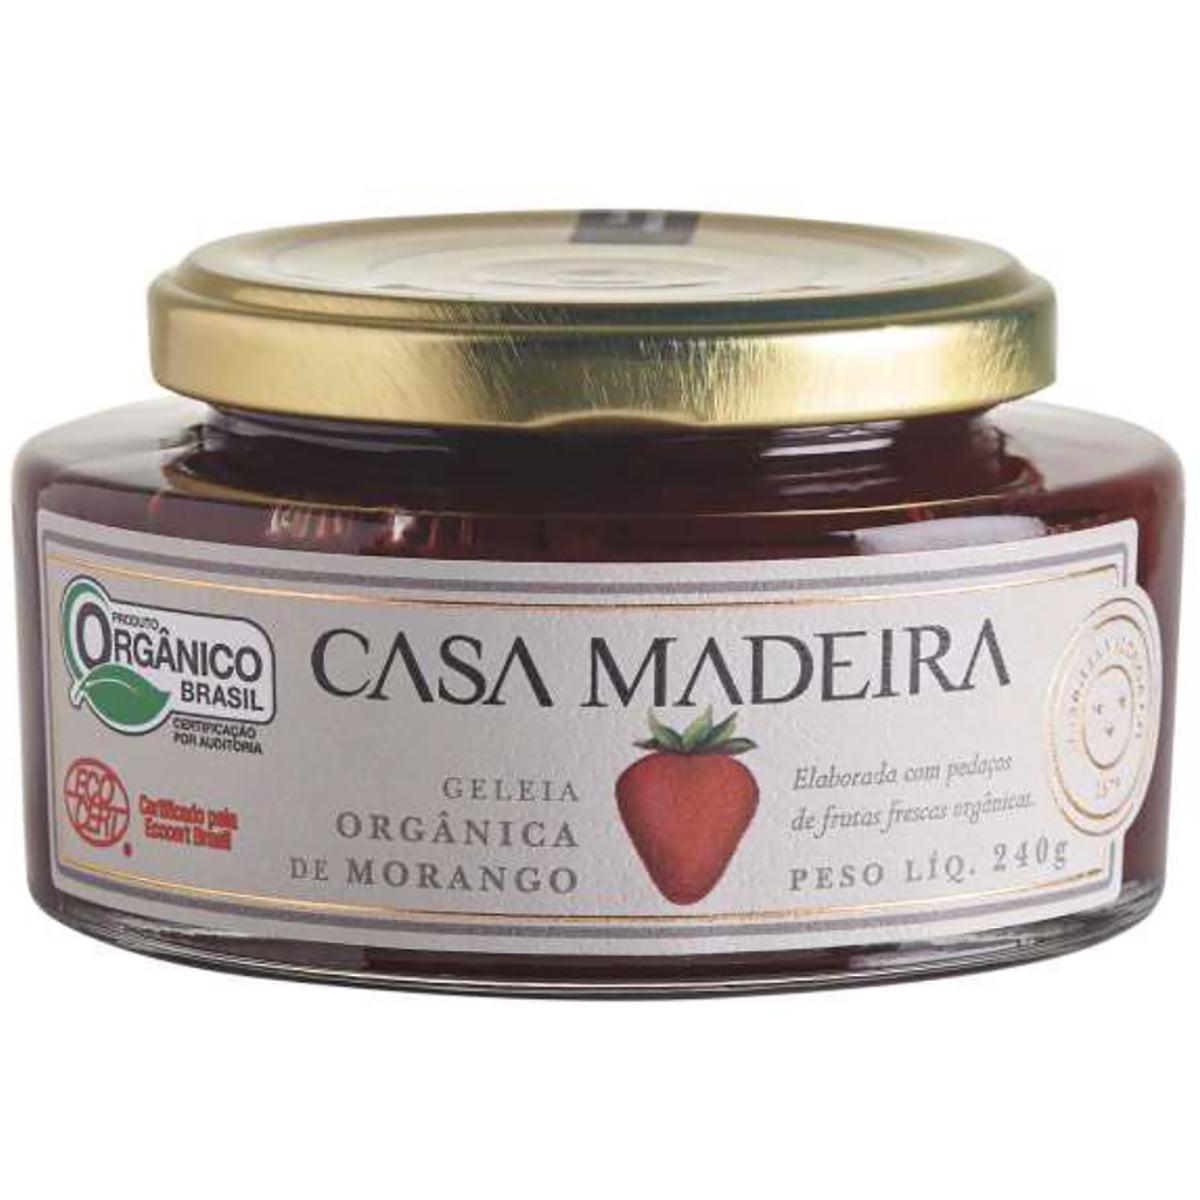 Geleia Orgânica Casa Madeira Morango c/Pedaços 240g